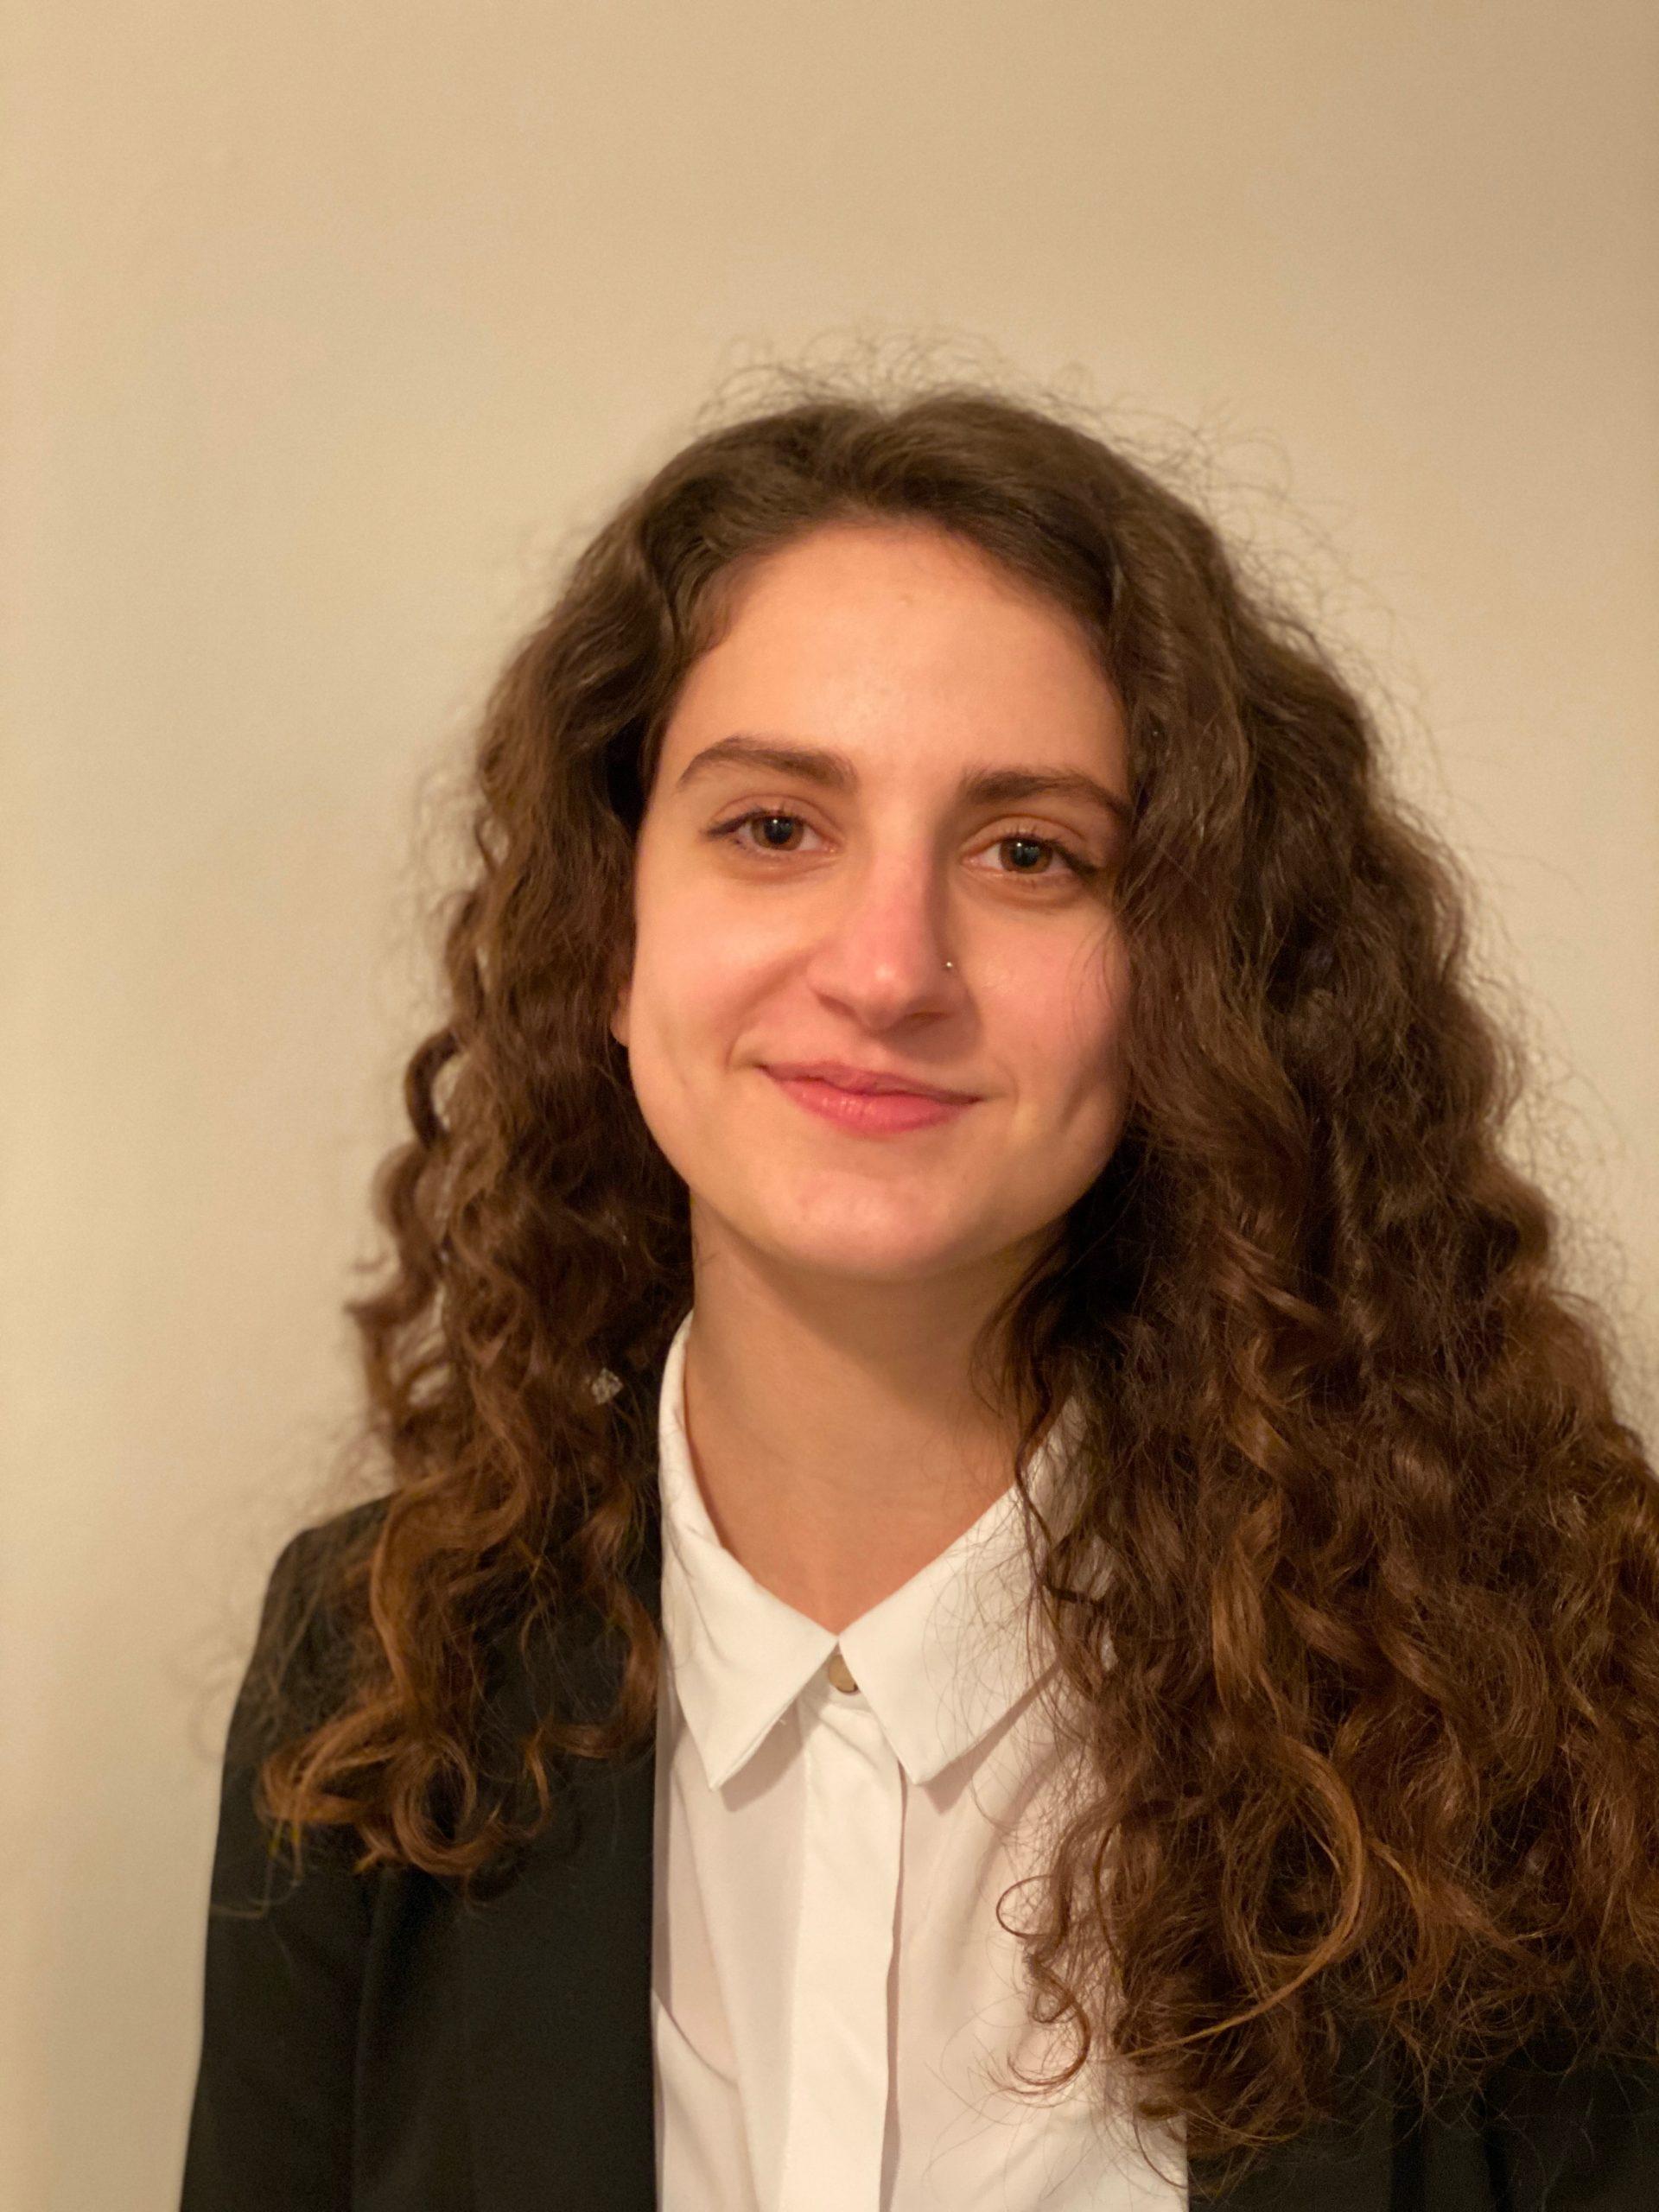 Sarah Vamvounis - Spring, Summer 2020